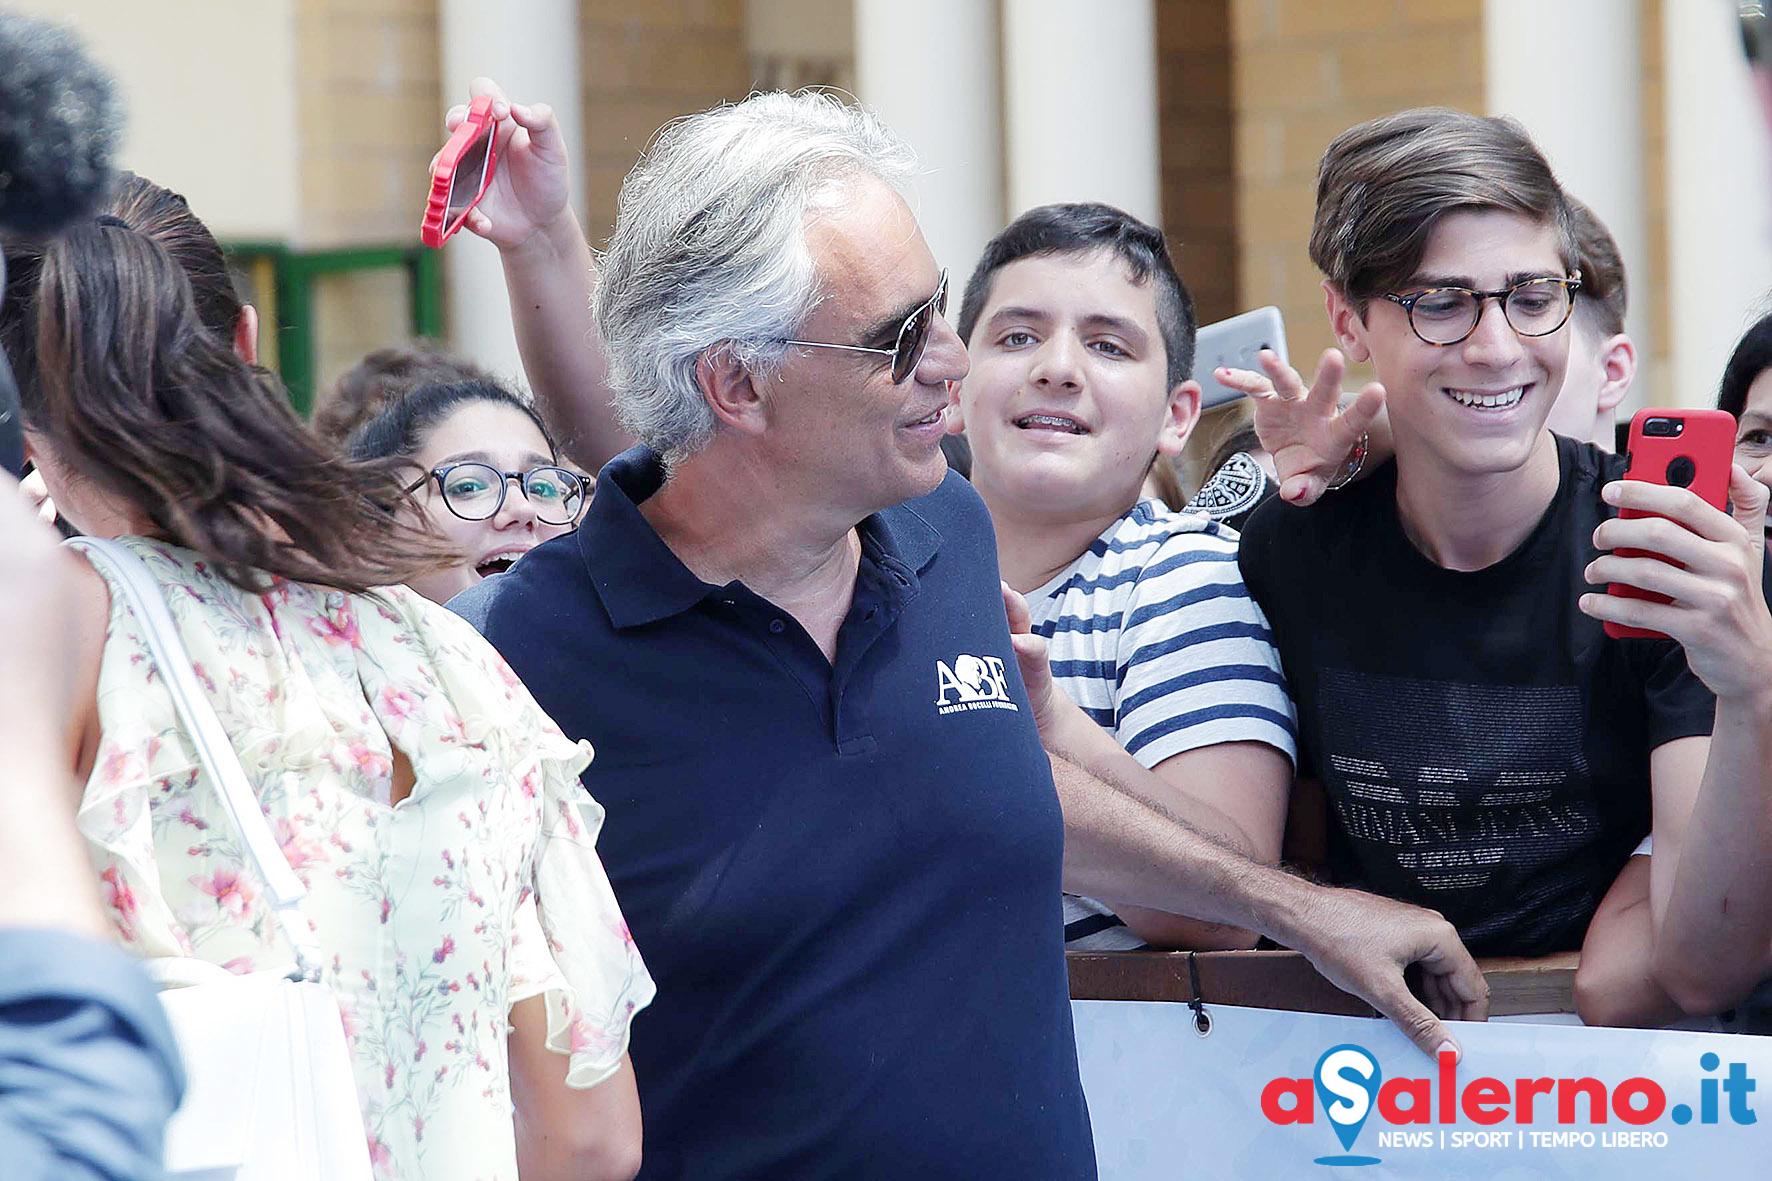 SAL - 20 07 2018 Giffoni. Nella foto Andrea Bocelli. Foto Tanopress